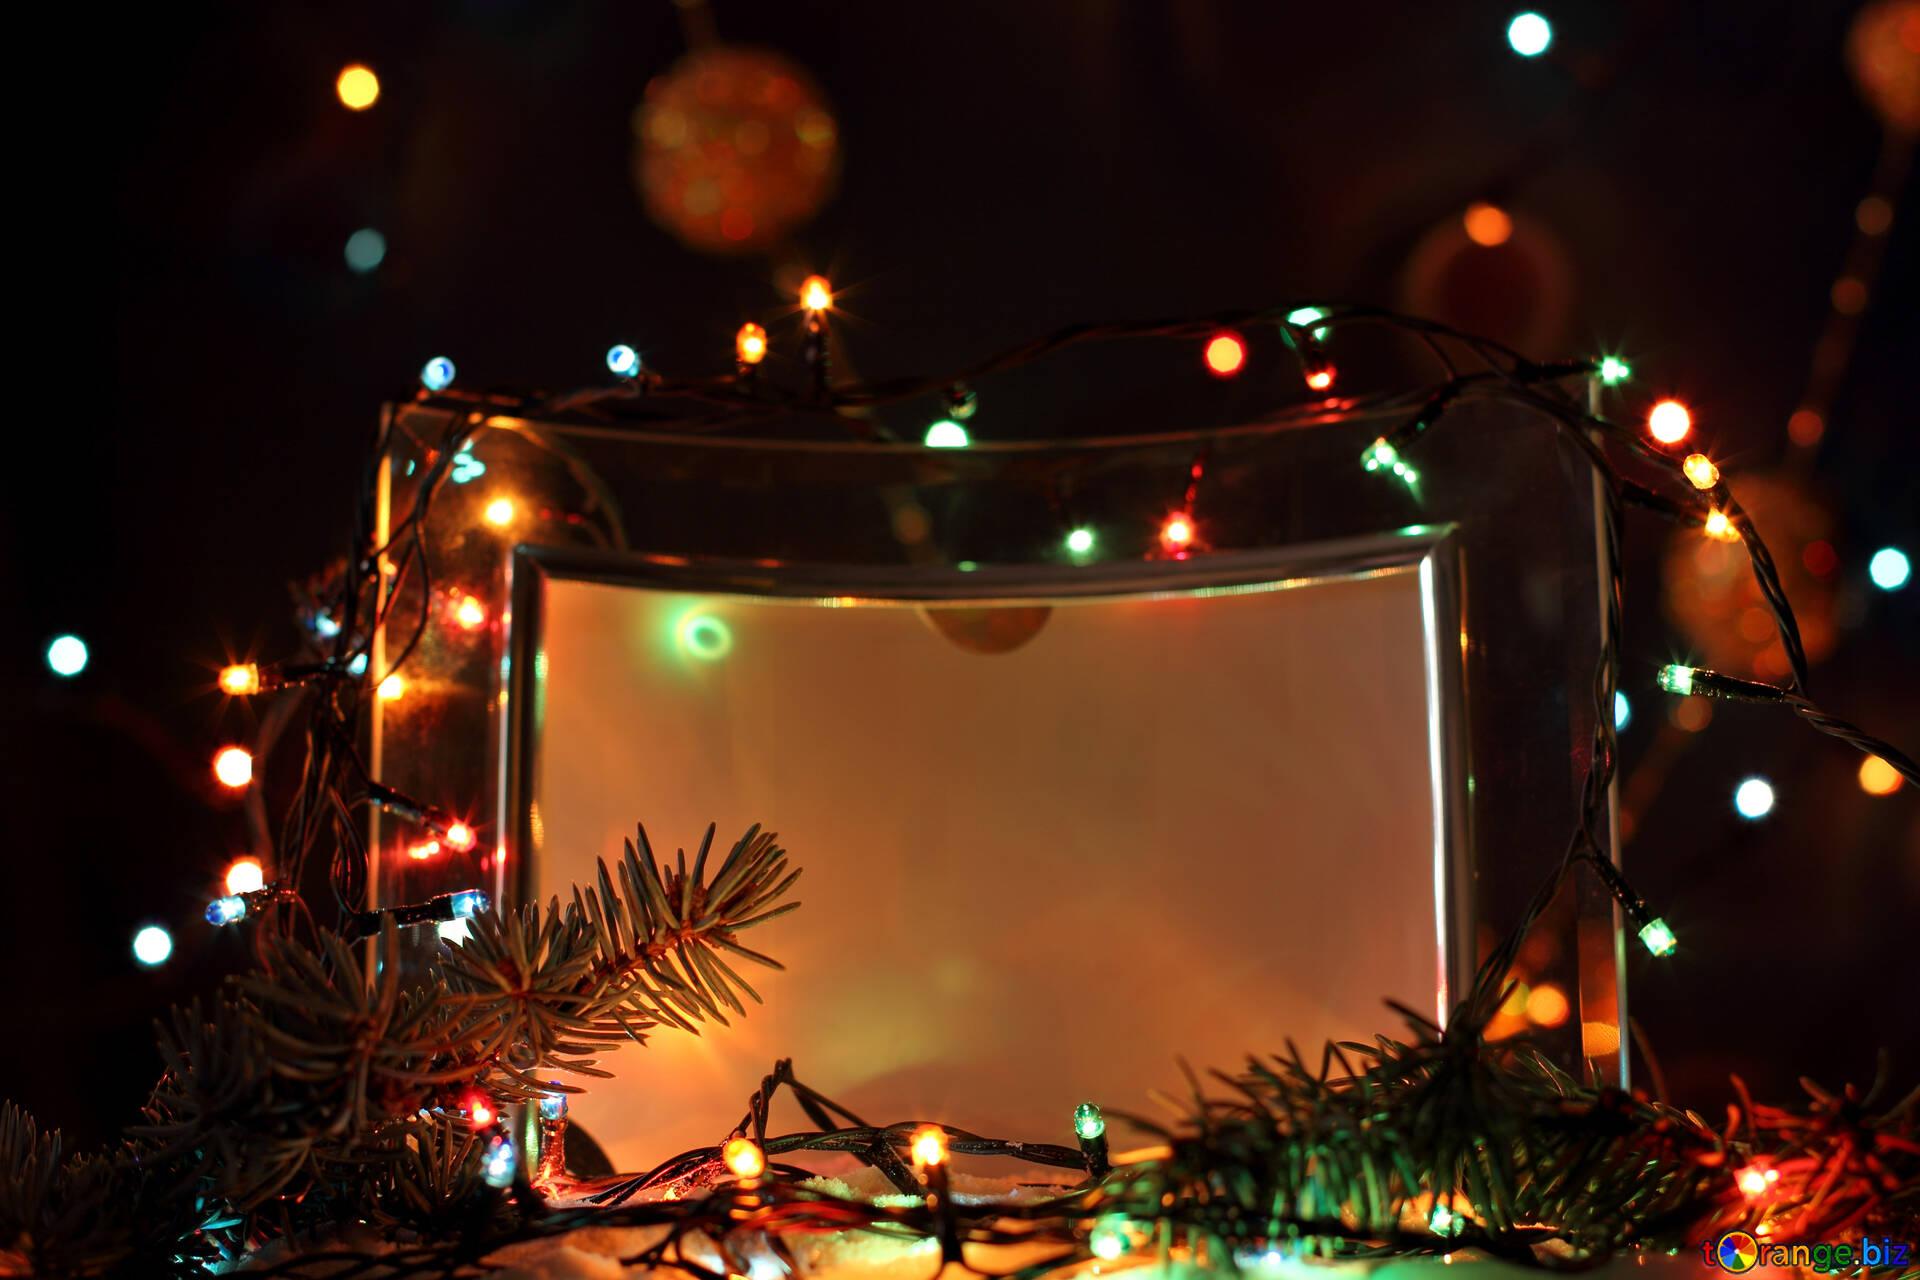 Weihnachtsbeleuchtung weihnachts fotorahmen licht № 17945